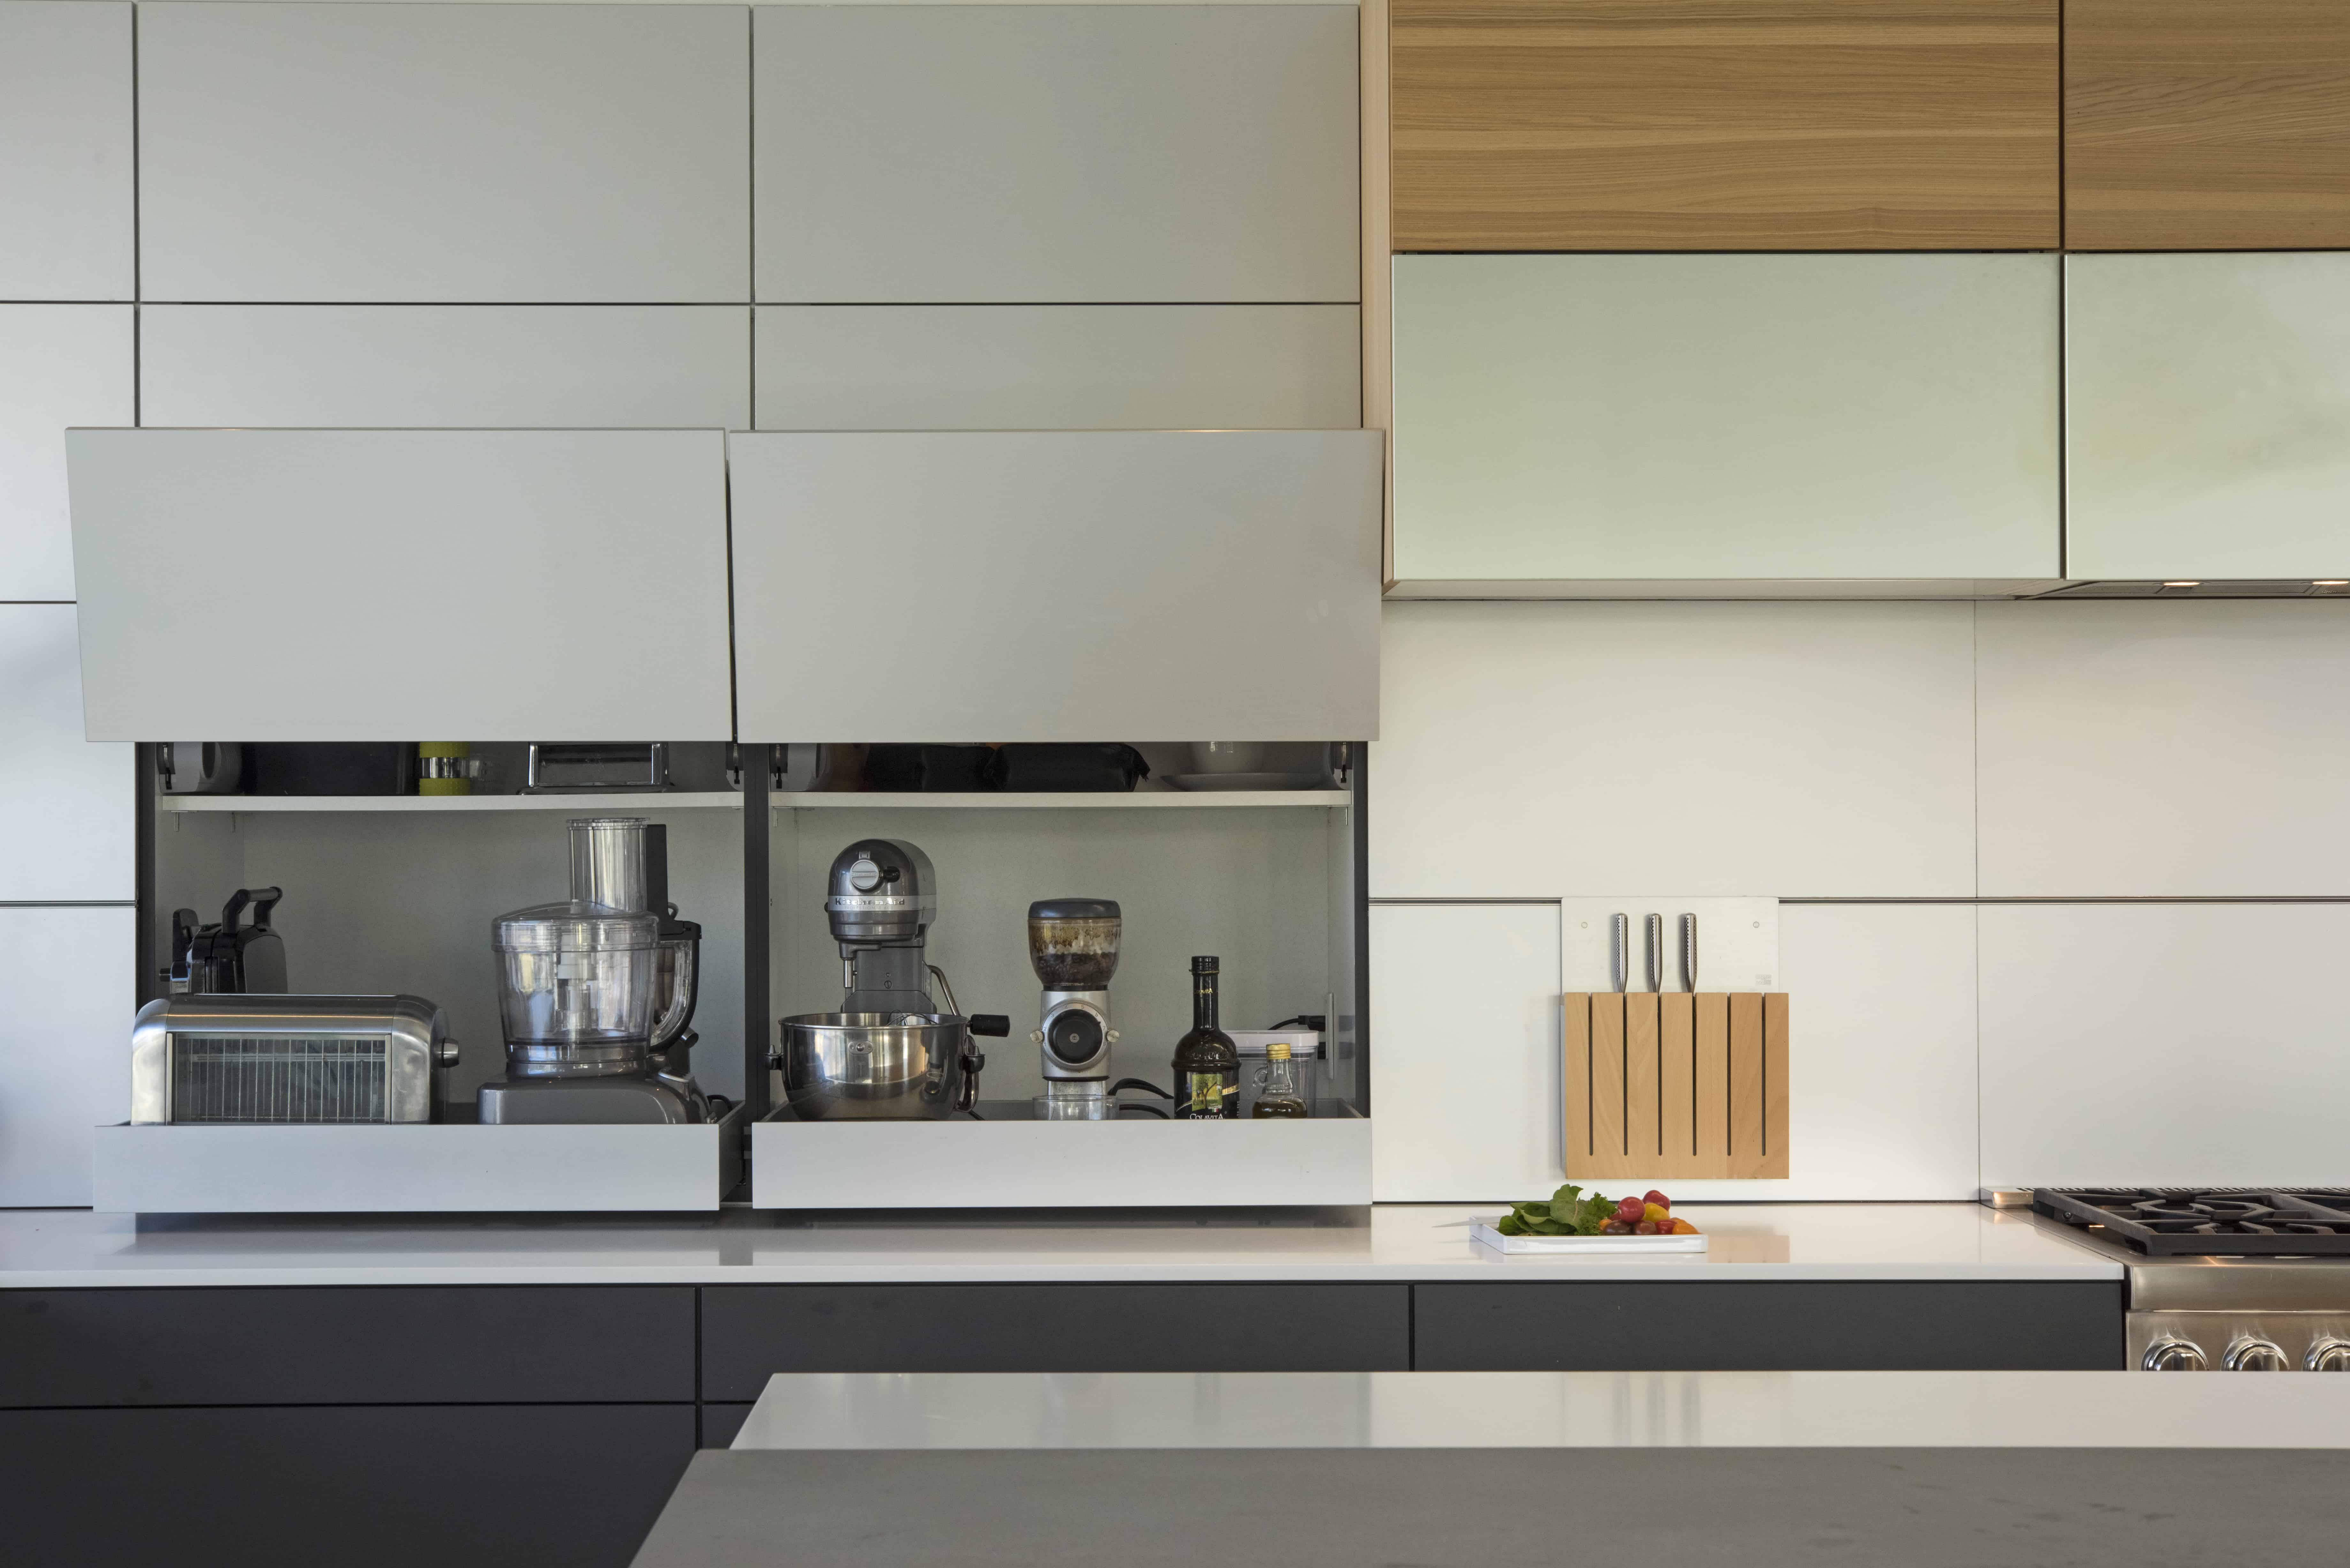 Modern Appliance Garage Kitchen Aluminum backsplash